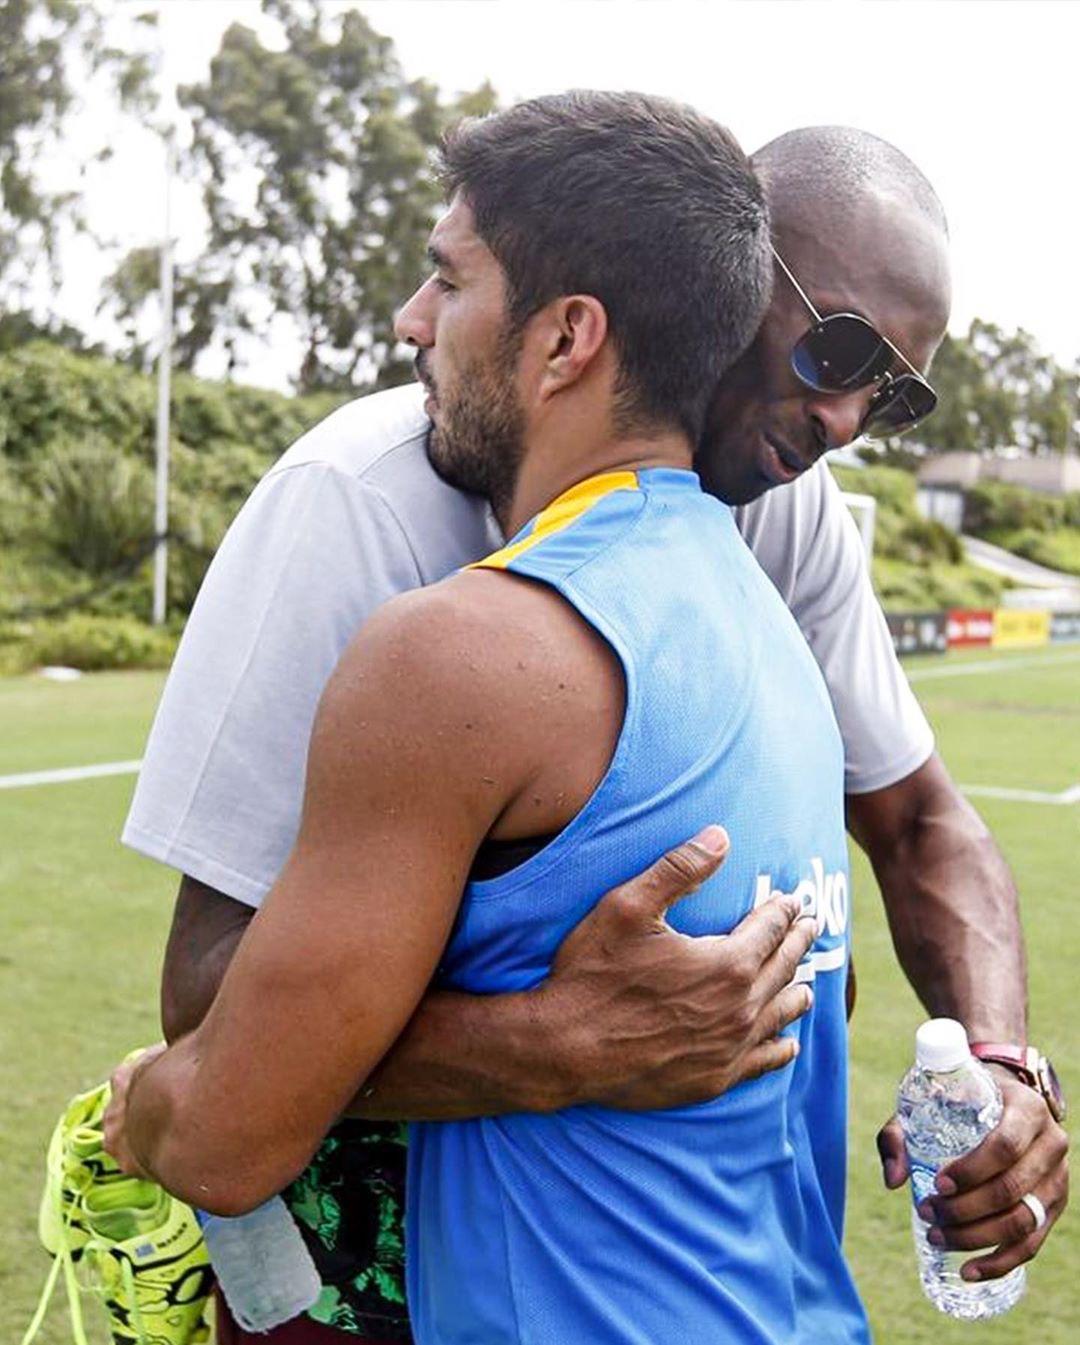 تصاویری از کوبی برایانت با فوتبالیهای معروف دنیا